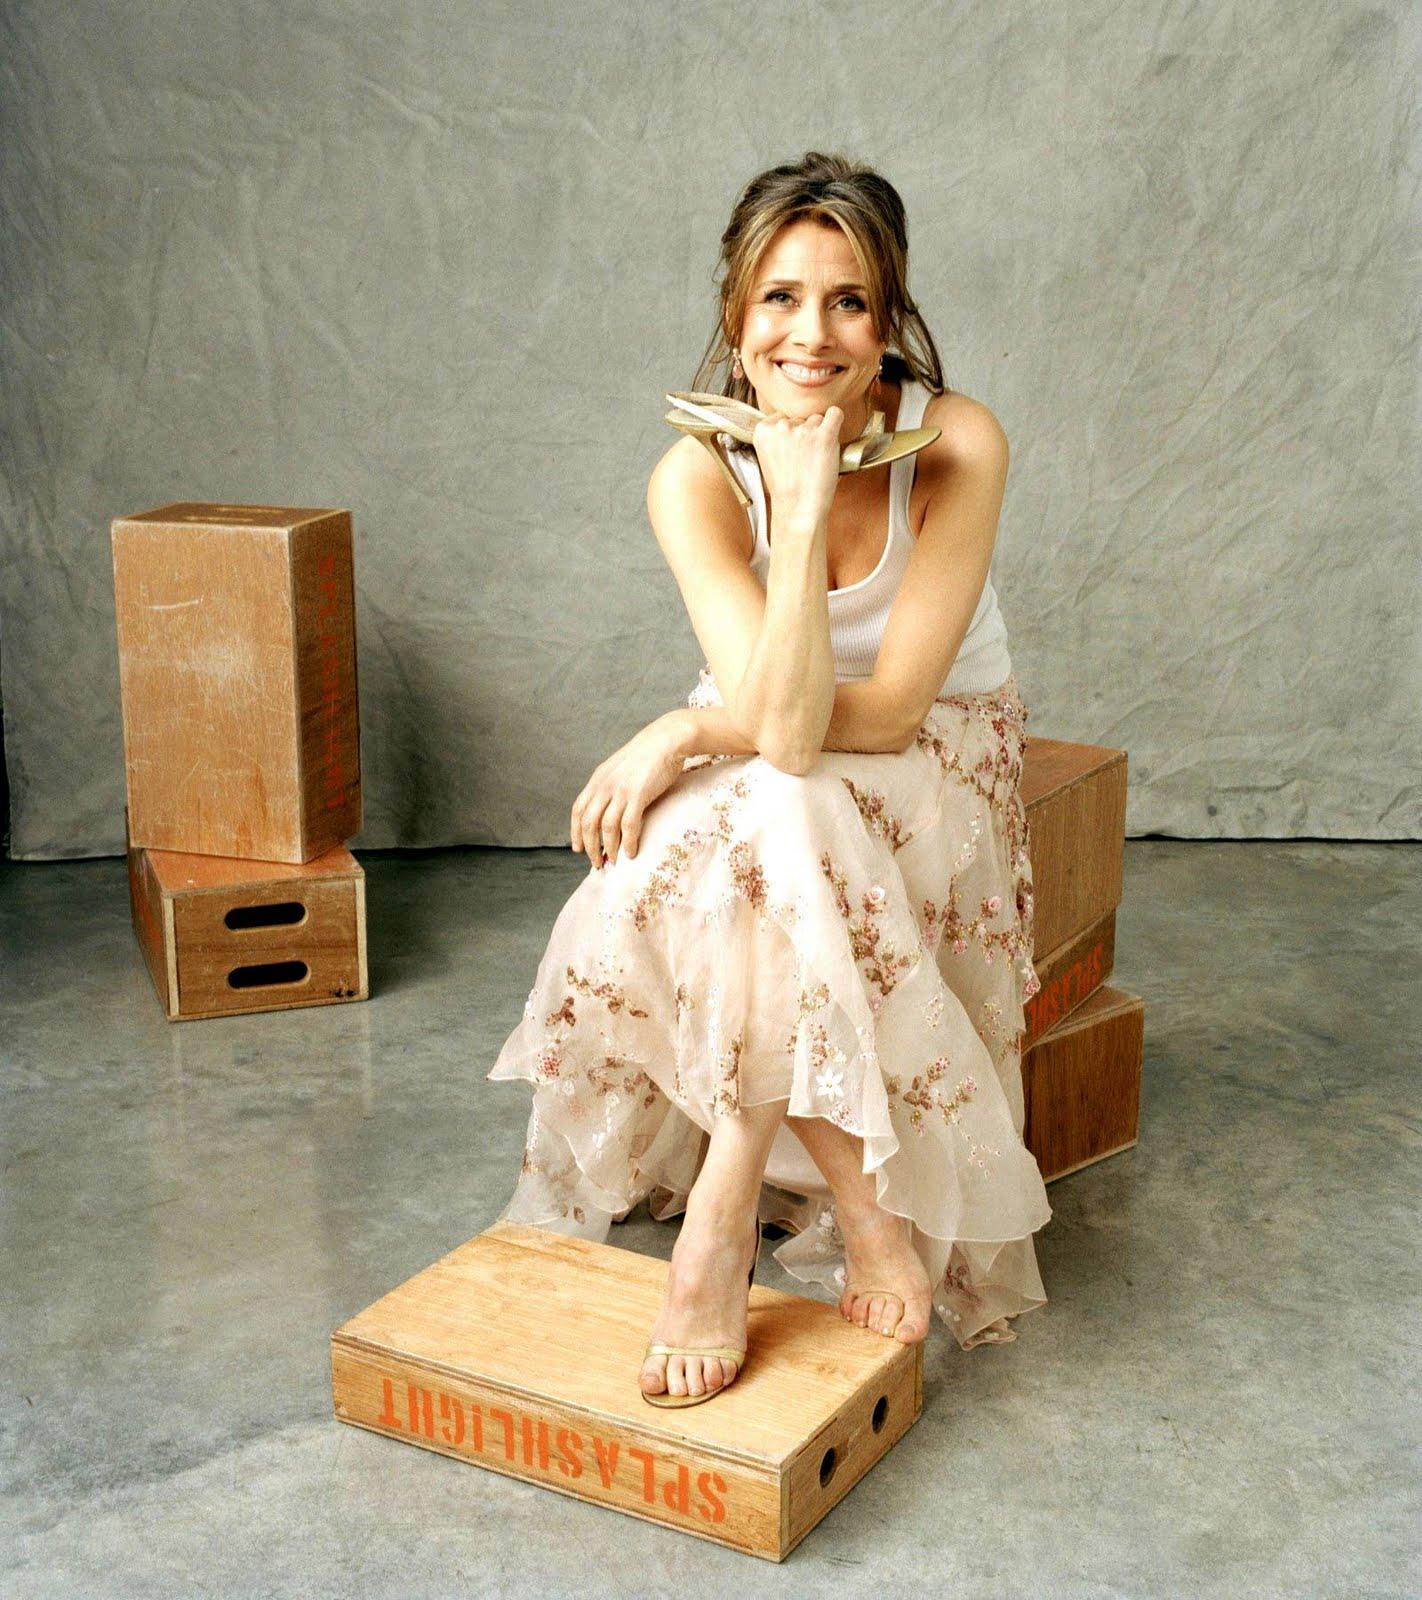 http://2.bp.blogspot.com/_UaLWp72nij4/TAlnoI_20jI/AAAAAAAAN6Q/eJmsura-66A/s1600/meredith-vieira-feet-3.jpg